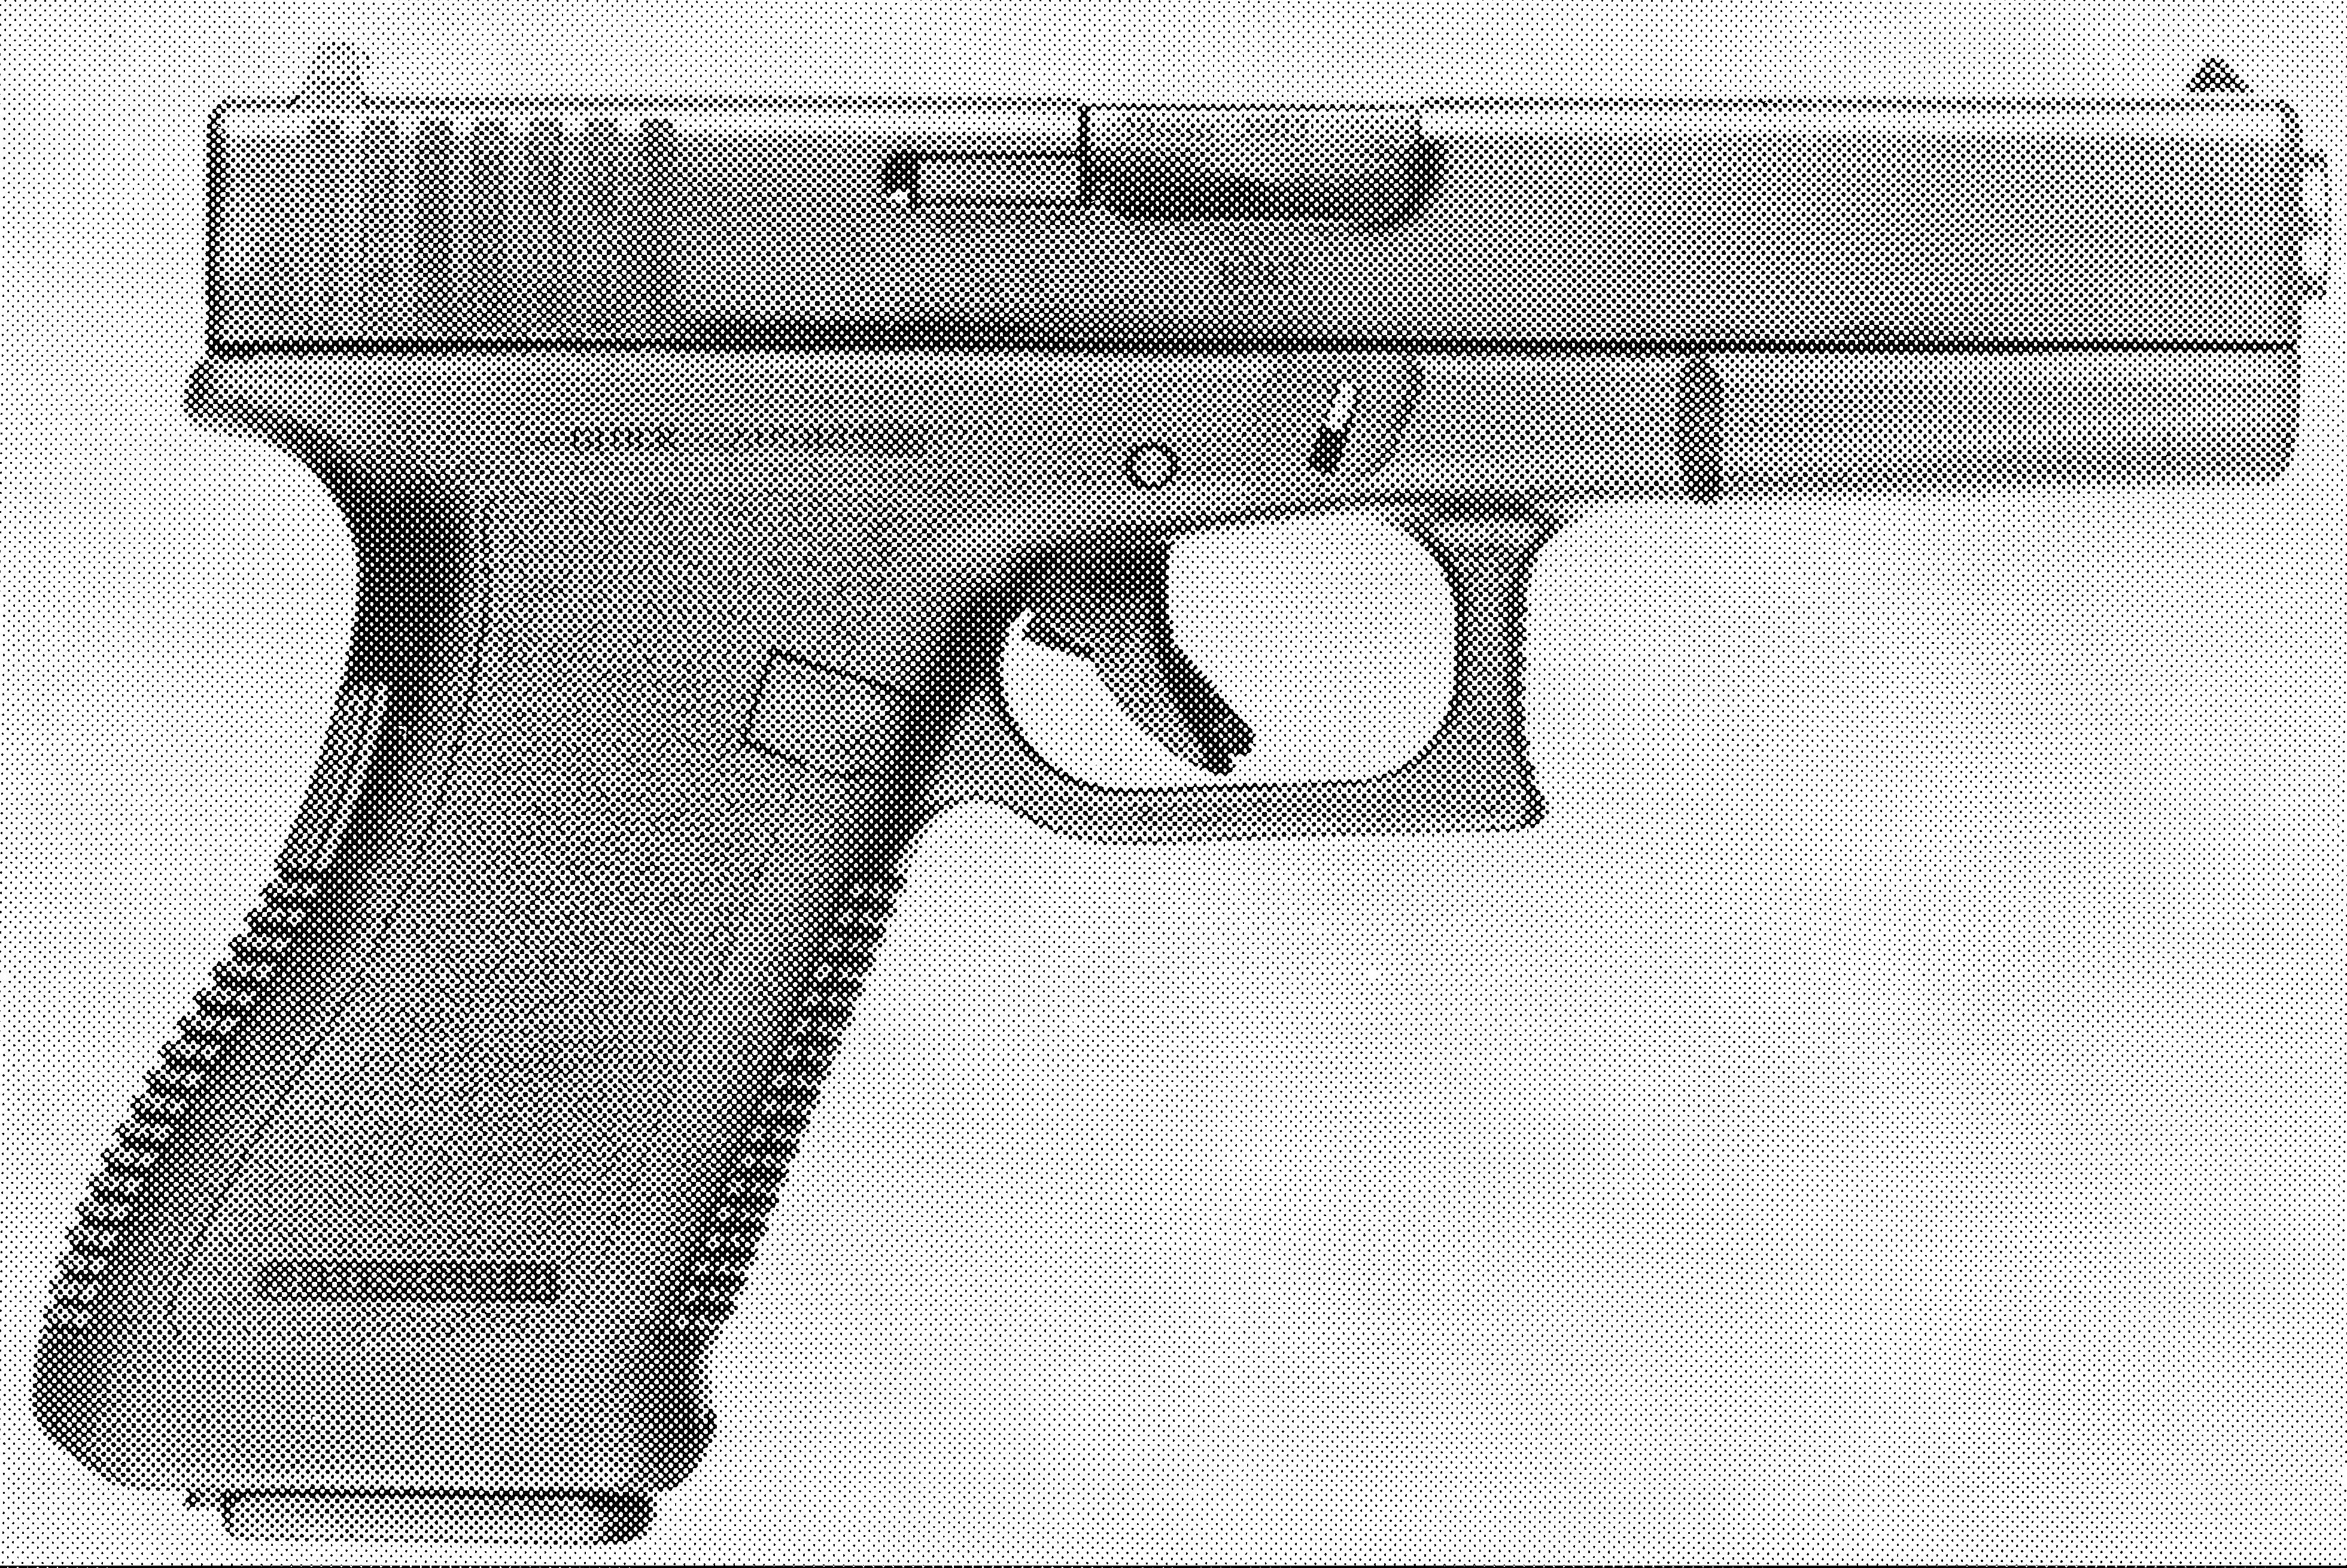 Glock 20 and Glock 21